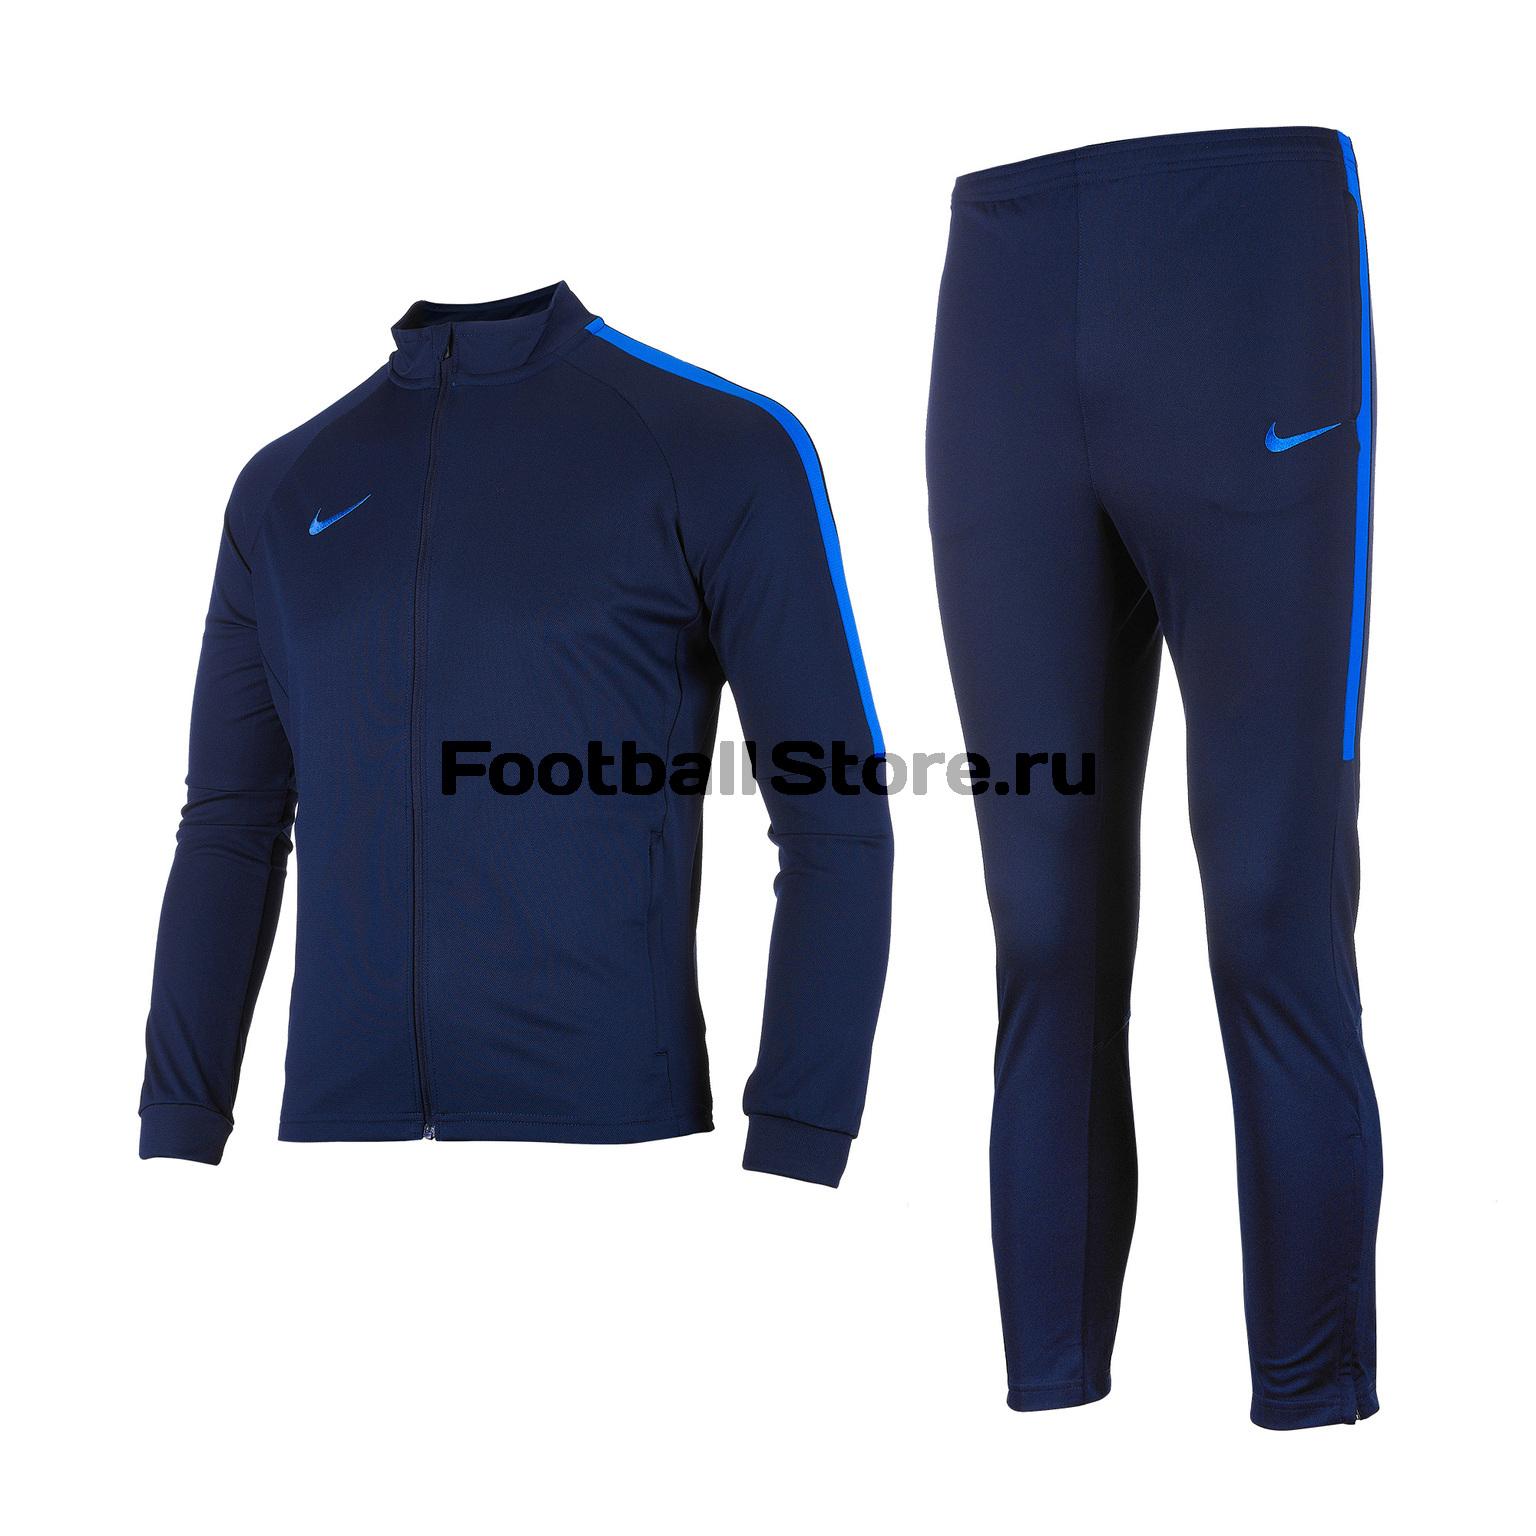 Костюм спортивный подростковый Nike Dry Academy TRK Suit 844714-458 костюм спортивный nike m dry acdmy trk suit 844327 451